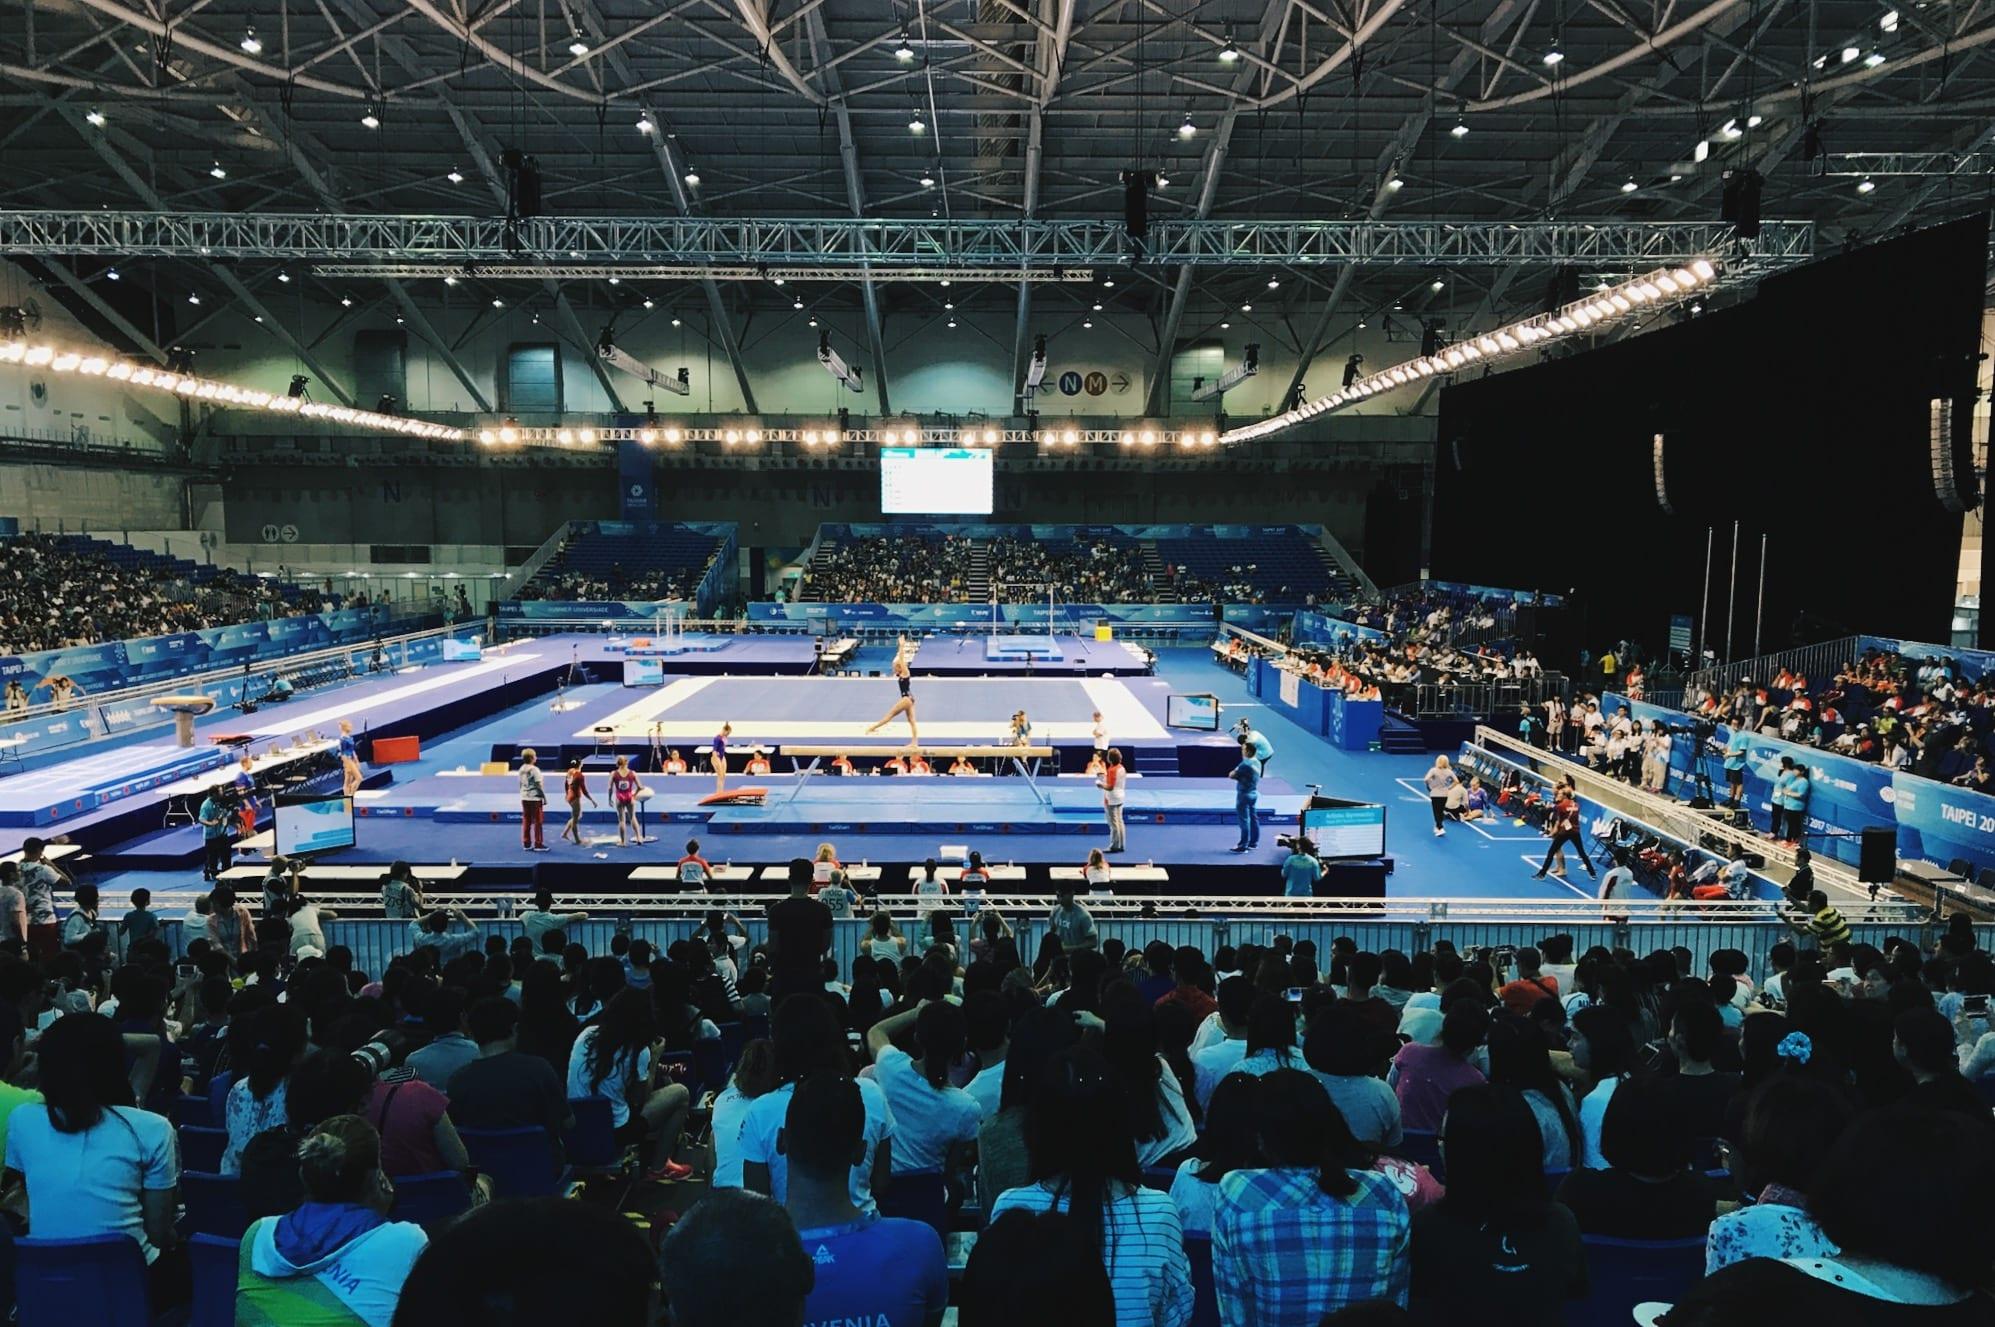 2017 universiade taipei